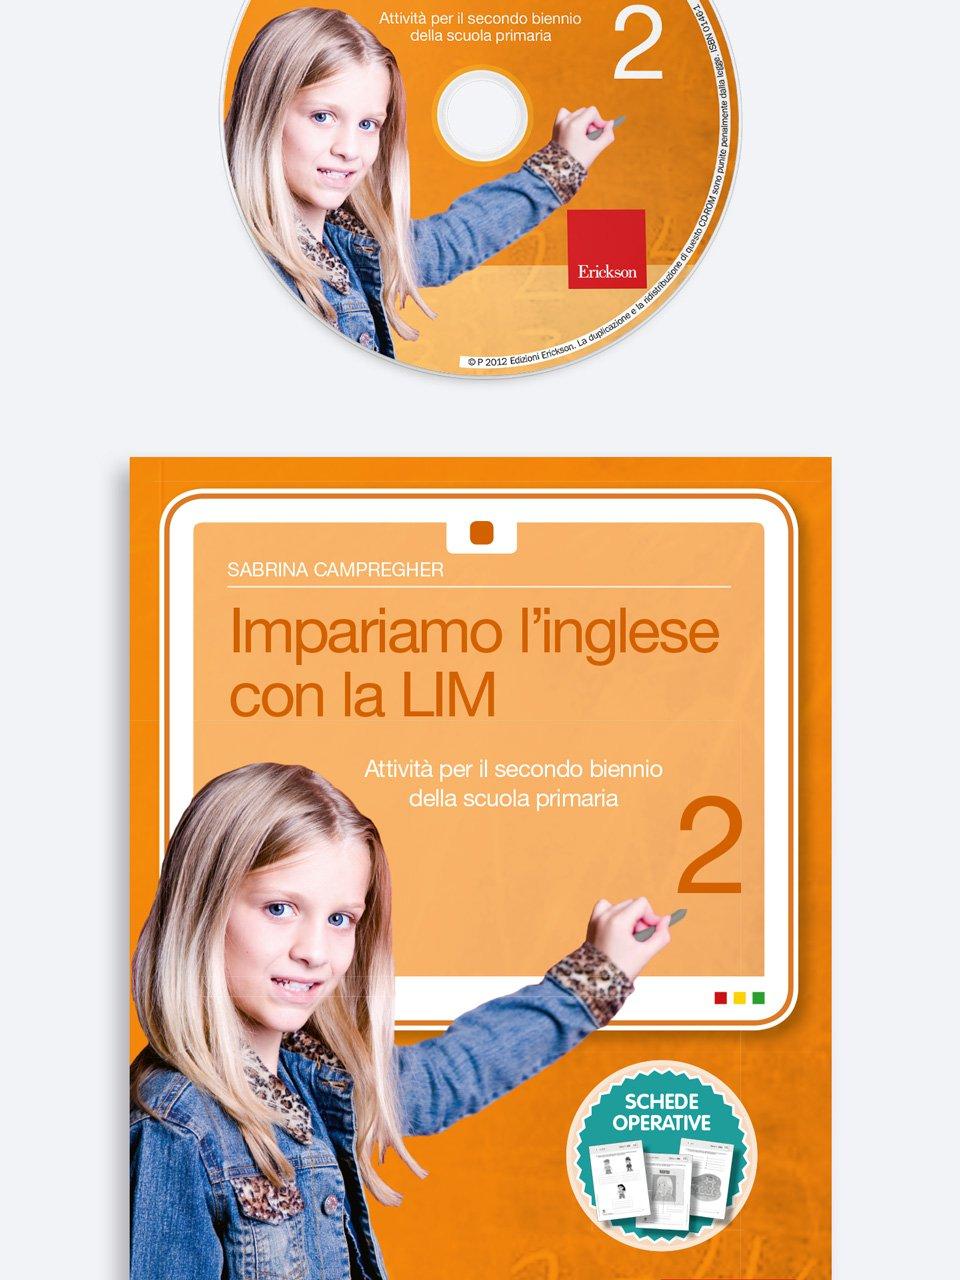 Impariamo l'inglese con la LIM 2 - Schede per Tablotto (Età 8+) - Play and Learn with - Giochi - Erickson